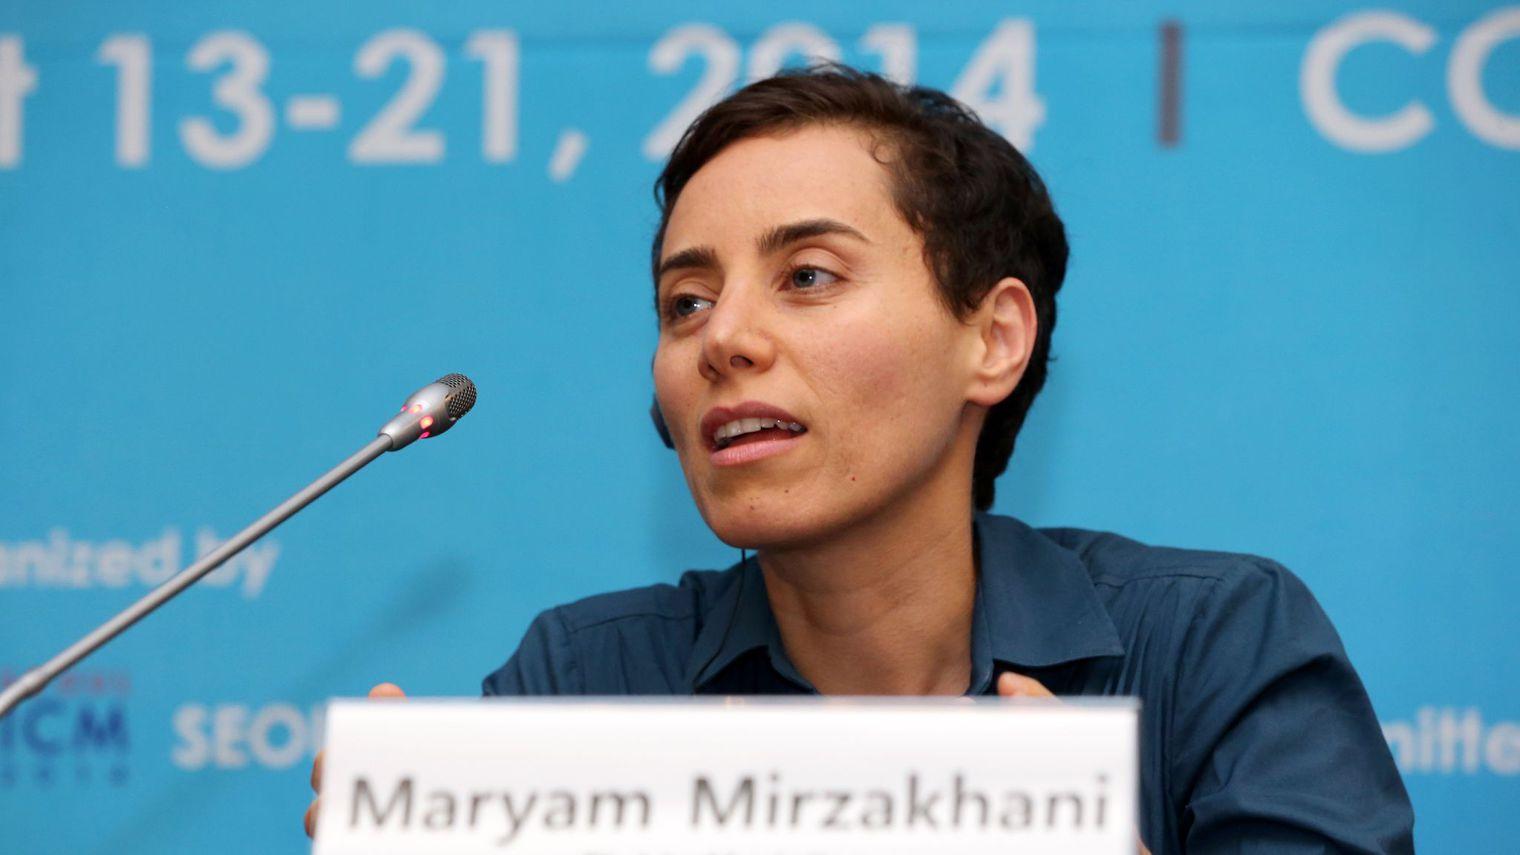 «مریم میرزاخانی»، نابغه ایرانی چشم از جهان فروبست